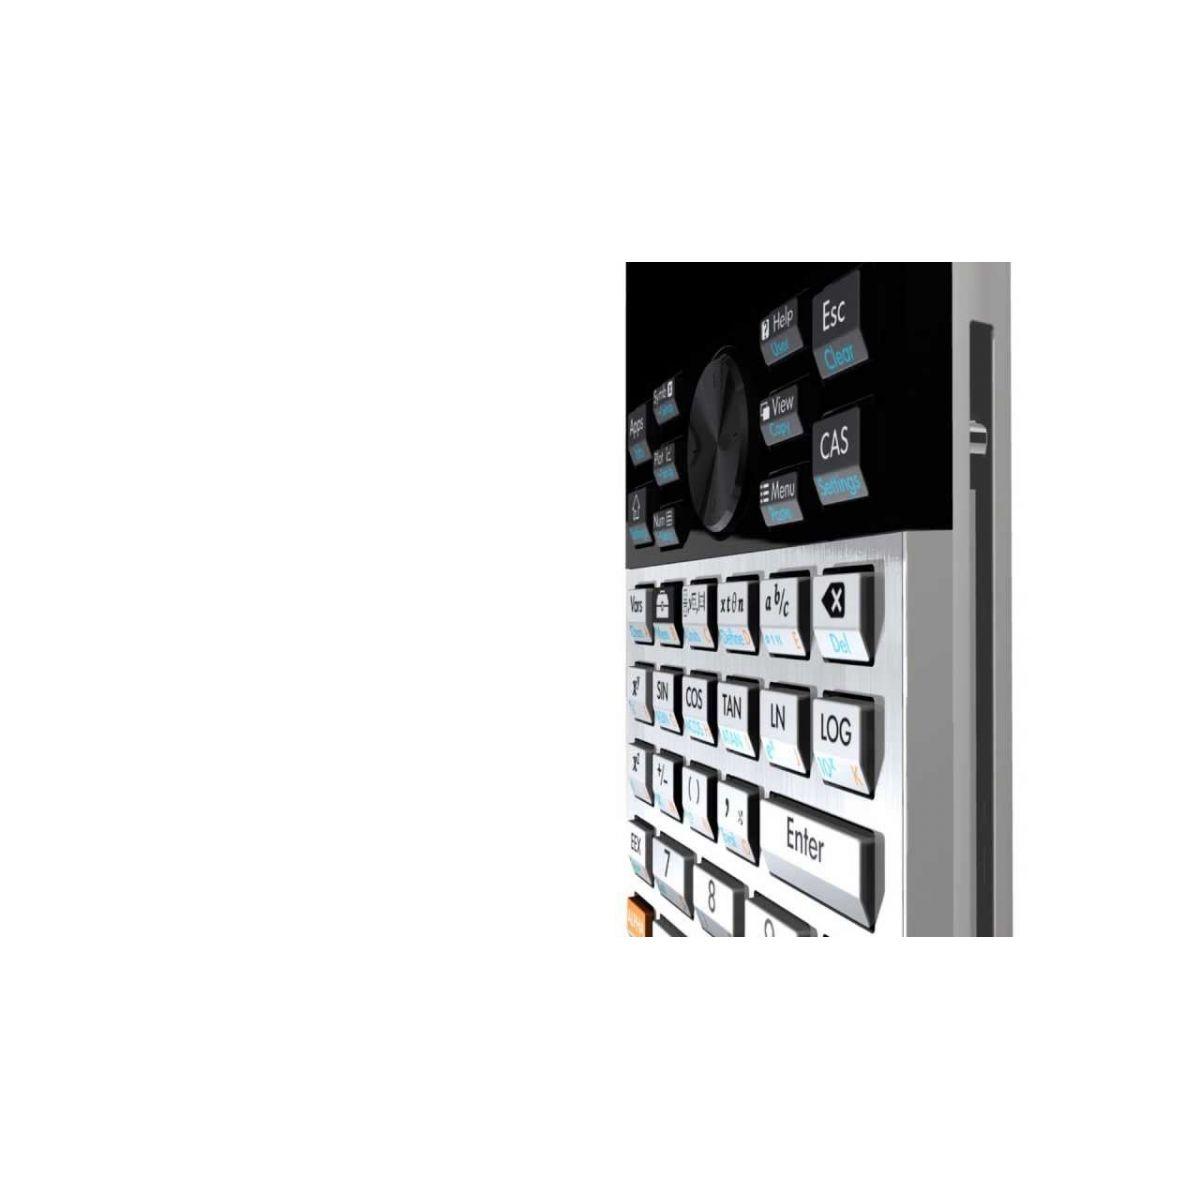 Calculadora Grafica Hp Prime Tela Touch Colorida diferencial 2D Histograma Graficos  - HARDFAST INFORMÁTICA